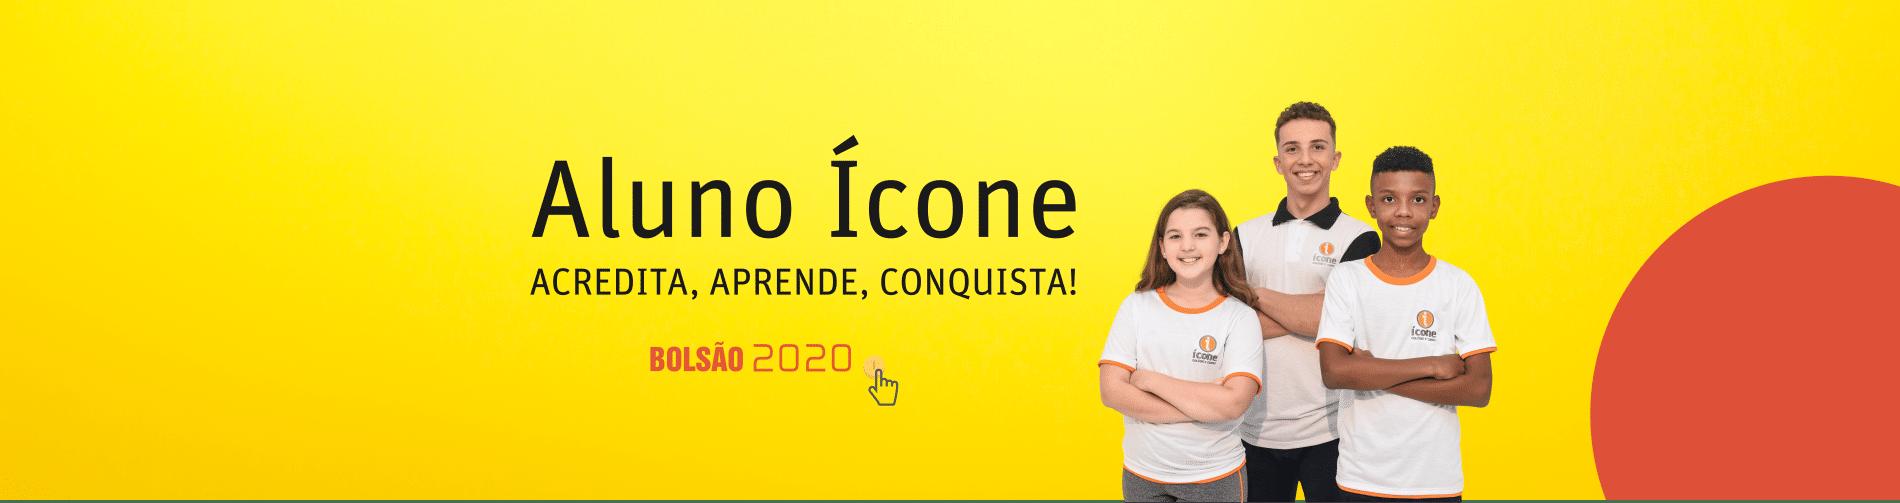 aluno ícone, acredita, aprende, conquista! 3 alunos - bolsão 2020